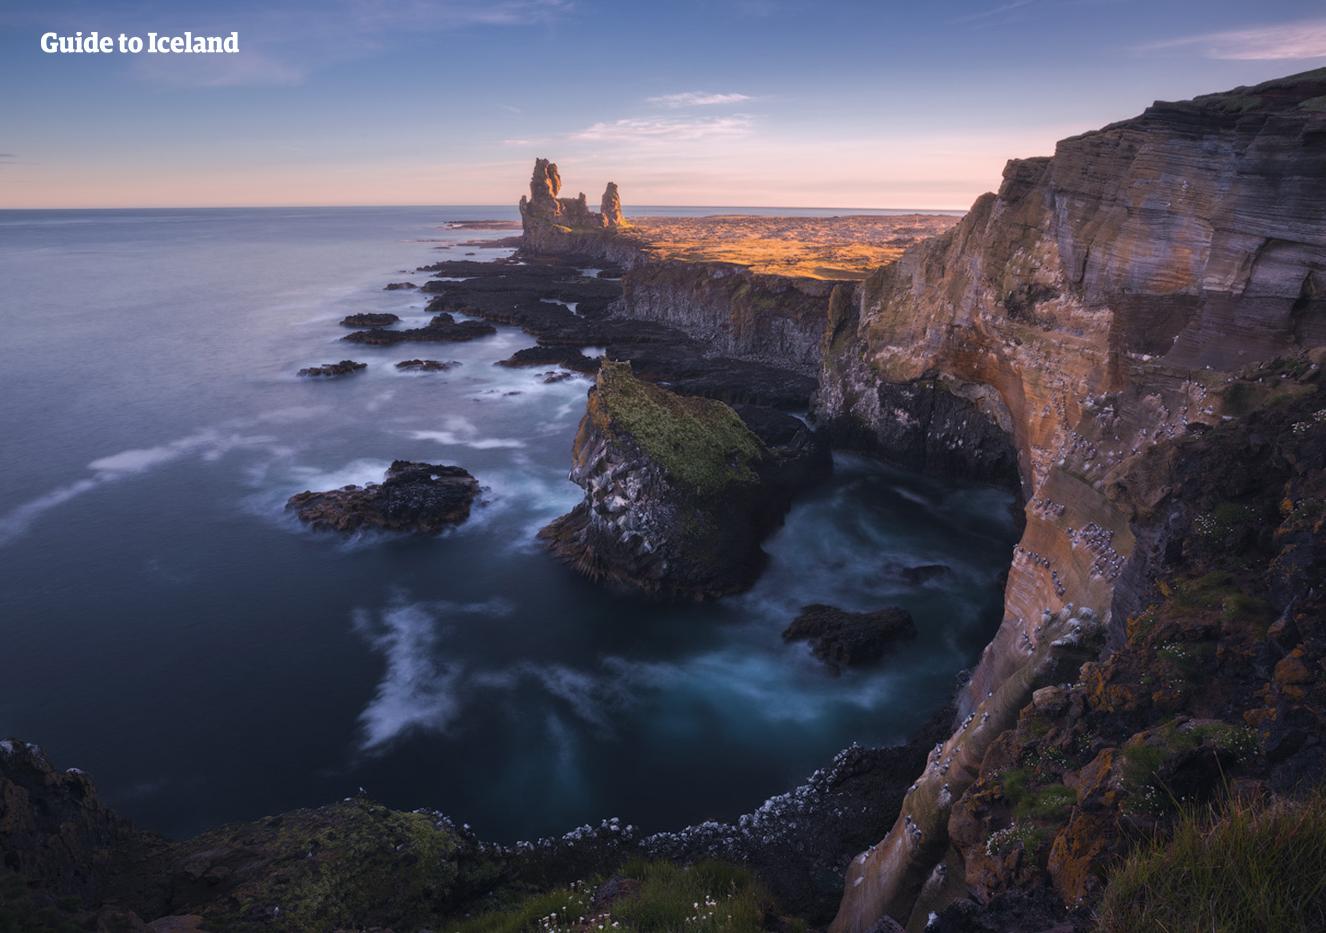 Die Halbinsel Snaefellsnes ist für ihre ruhige Stimmung und vielseitige Landschaften bekannt.